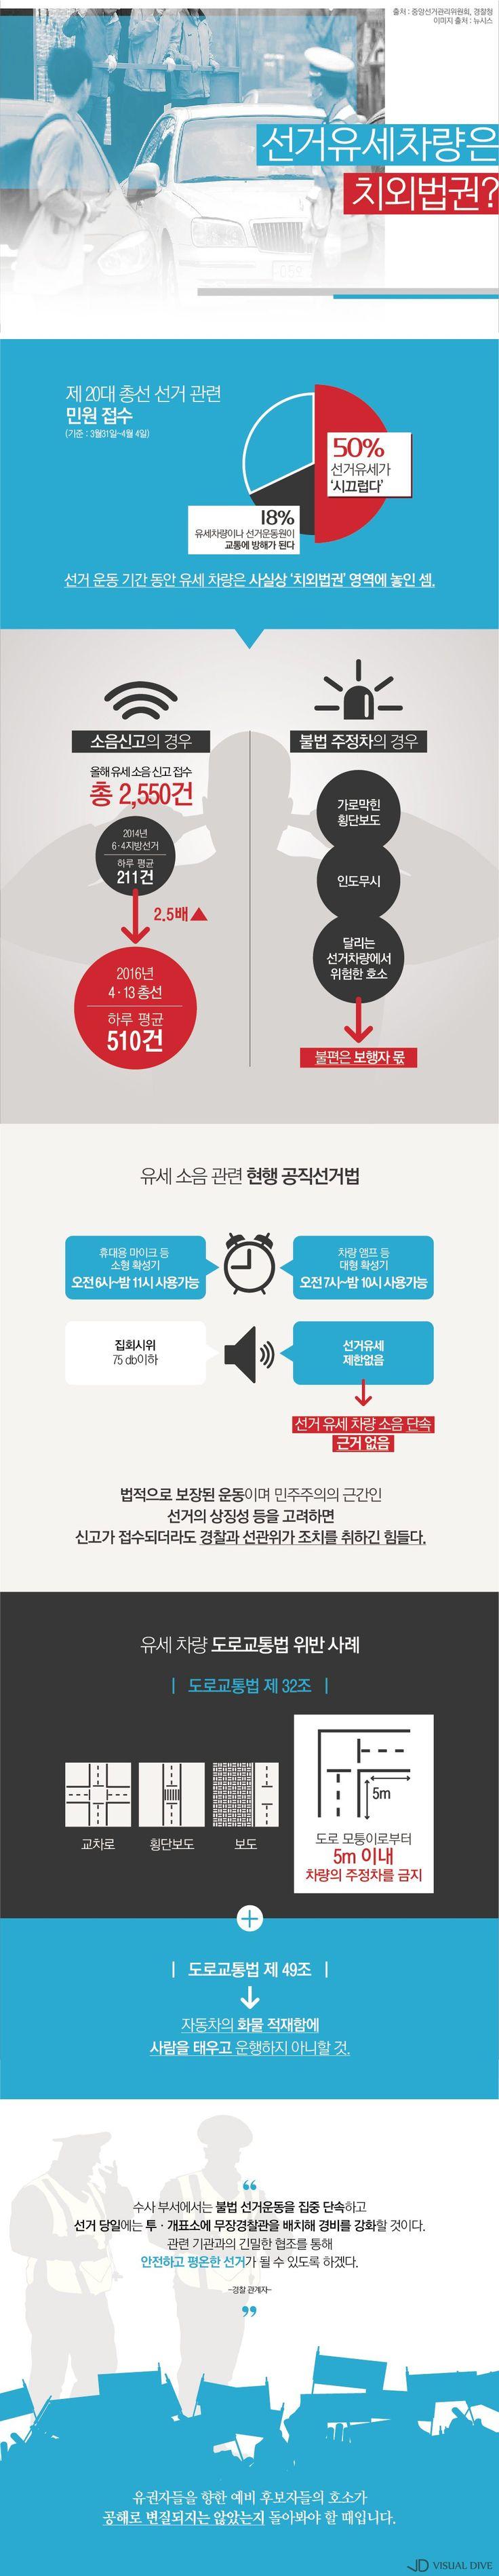 선거유세 소음, 누구에게 하소연하나 [인포그래픽] #campaign / #Infographic ⓒ 비주얼다이브 무단 복사·전재·재배포 금지